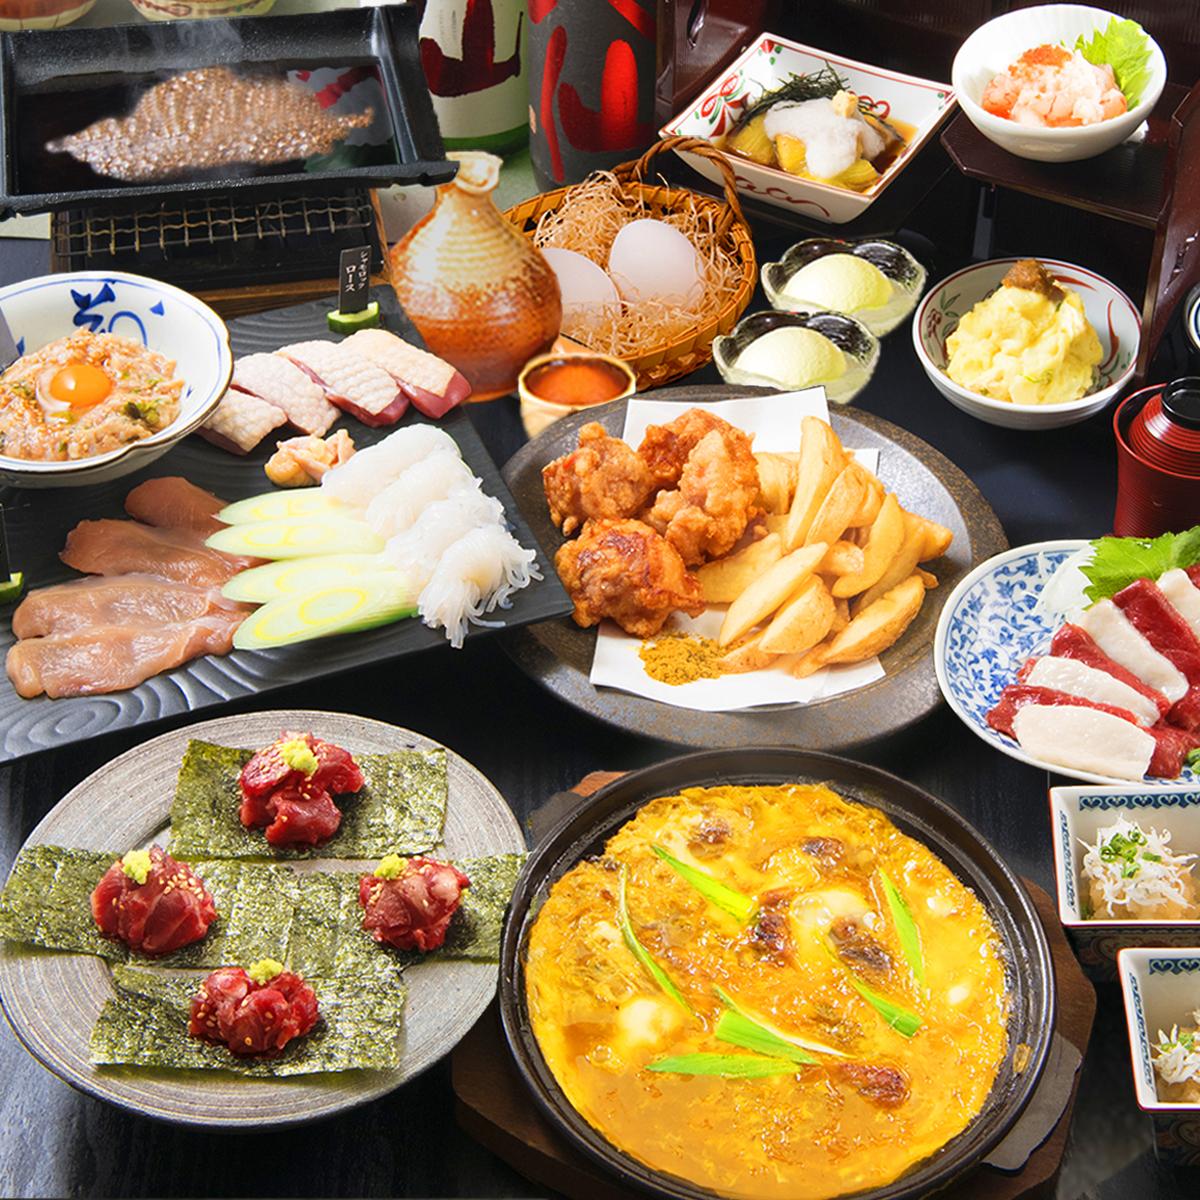 [3時間飲み放題] 夏のおでんOR地鶏すき焼きのコース9品